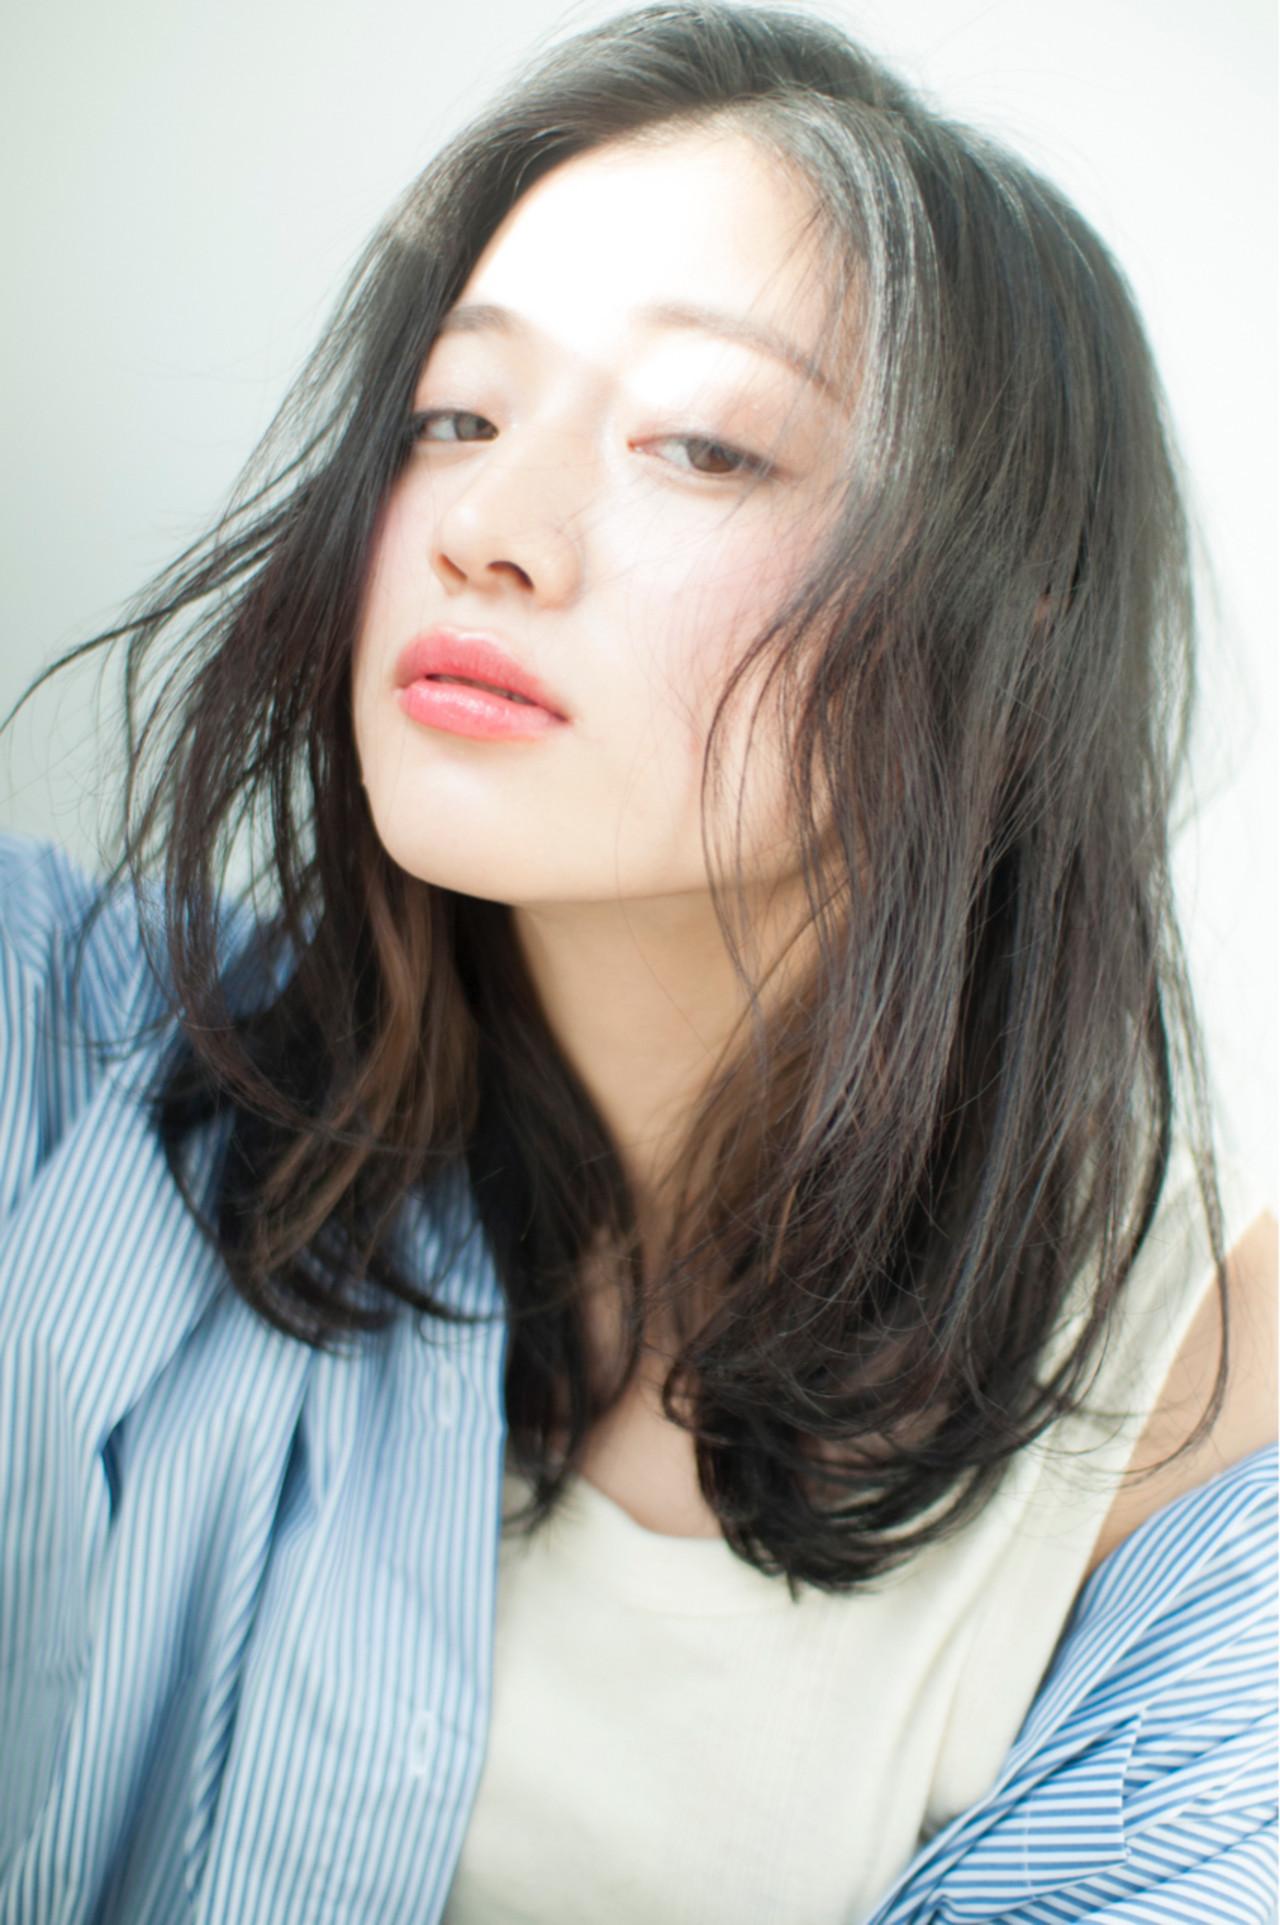 ふんわりウェーブなら優しい女性の雰囲気に 力石サトシ | HOMIE TOKYO